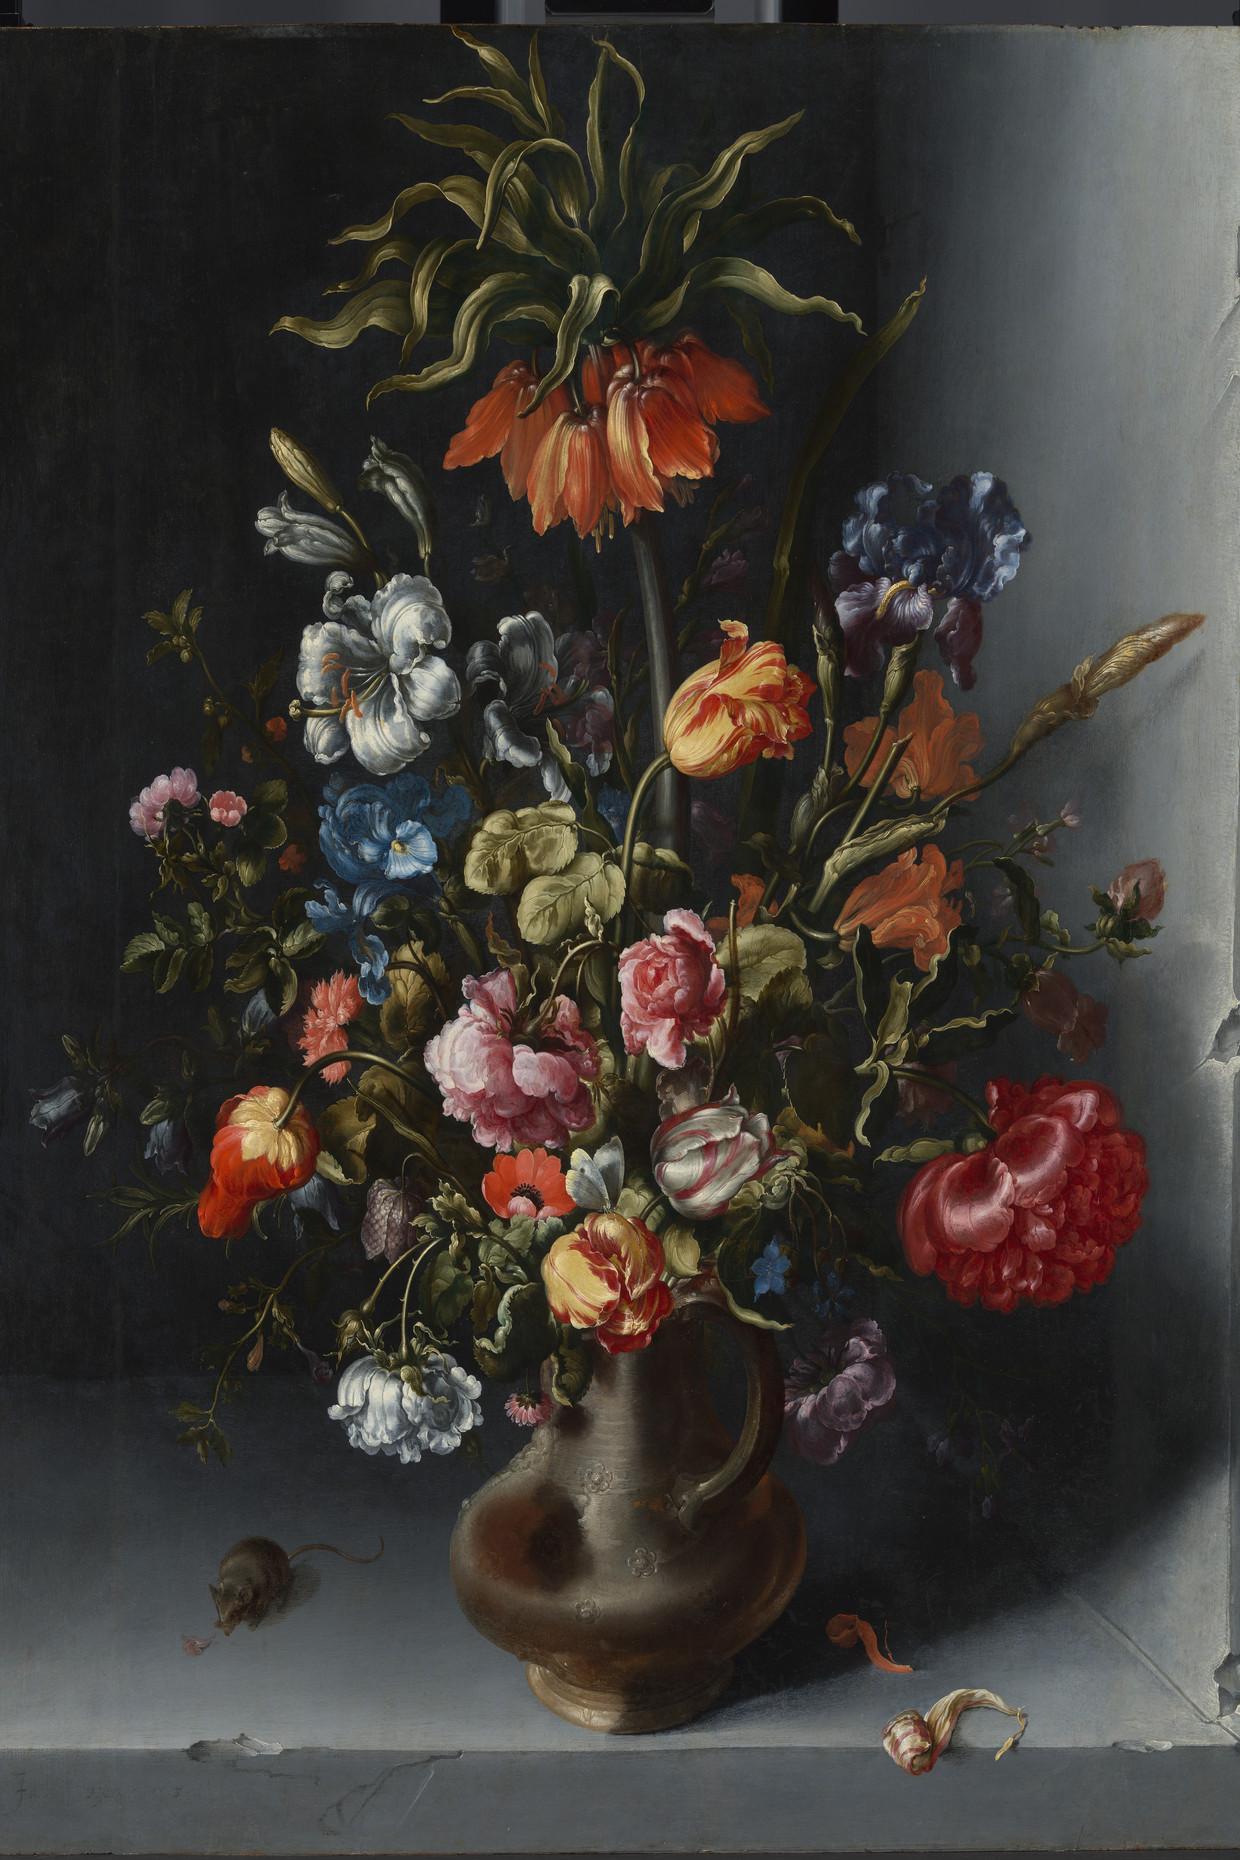 Jacob Woutersz Vosmaer, Stilleven met bloemen  in een stenen niche. Beeld Rijksmuseum Amsterdam